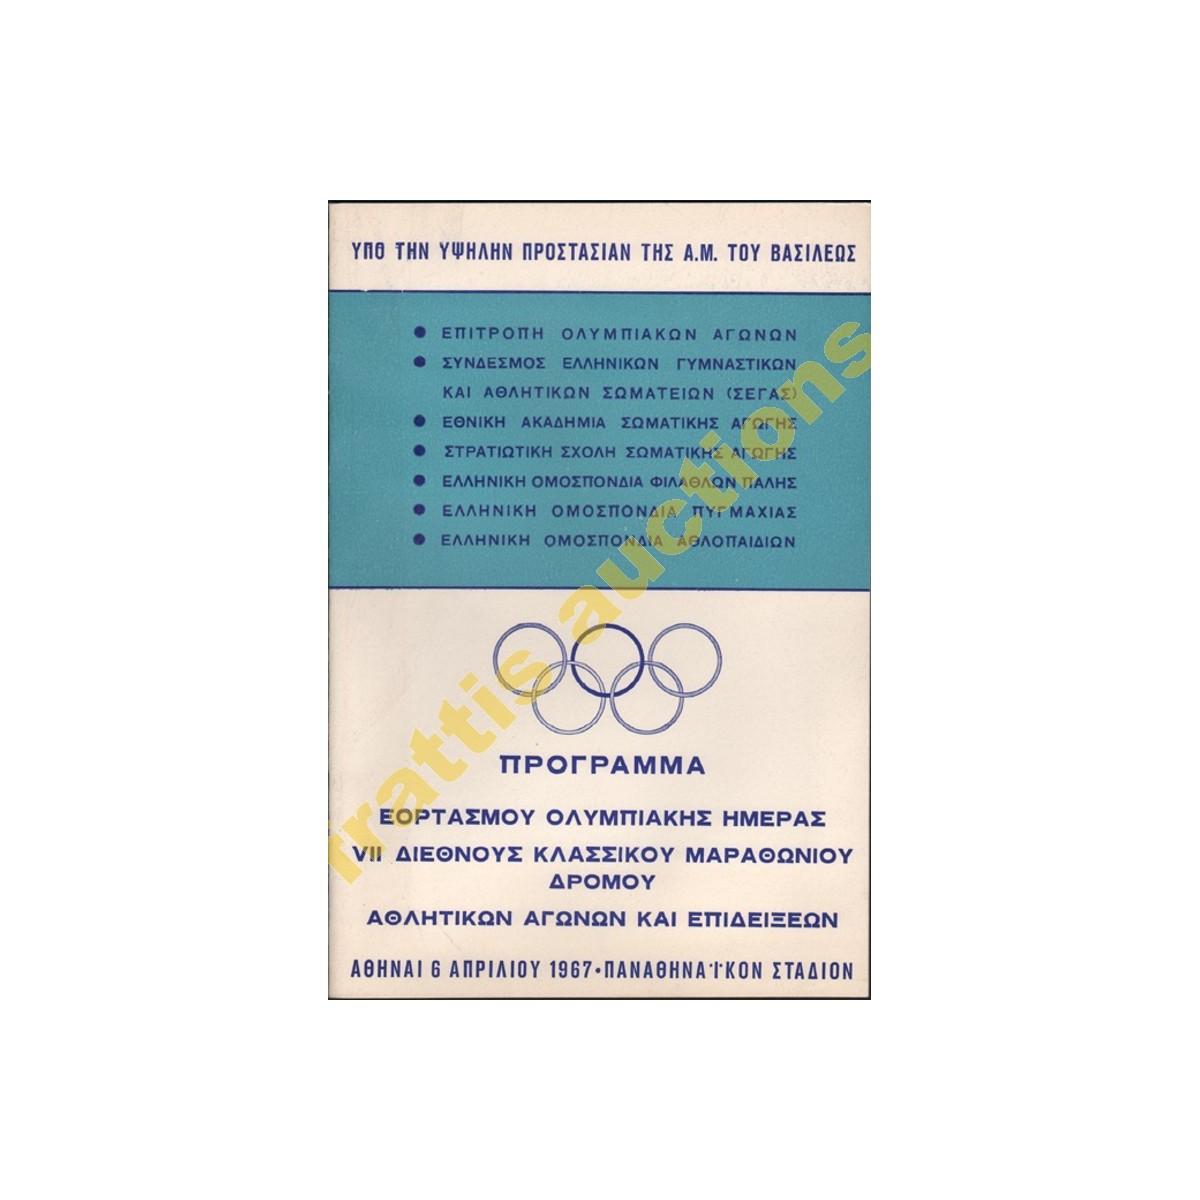 Πρόγραμμα εορτασμού Ολυμπιακής Ημέρας 1967.